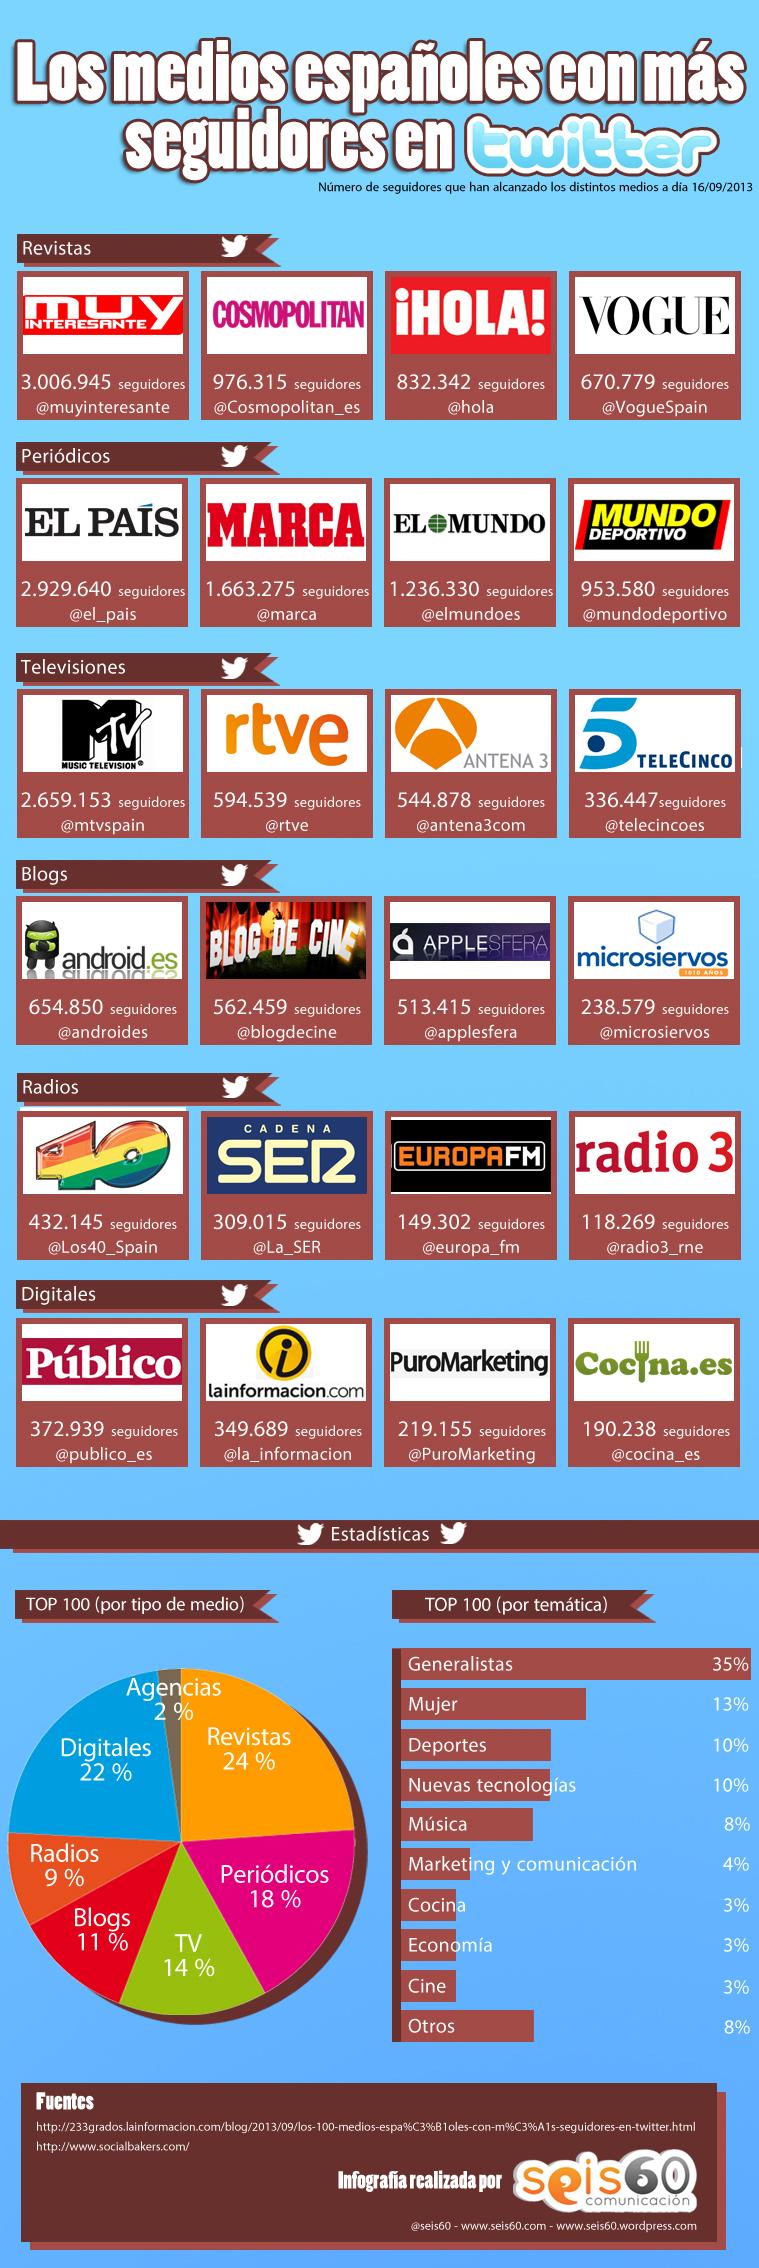 medios-españoles-más-seguidores-twitter